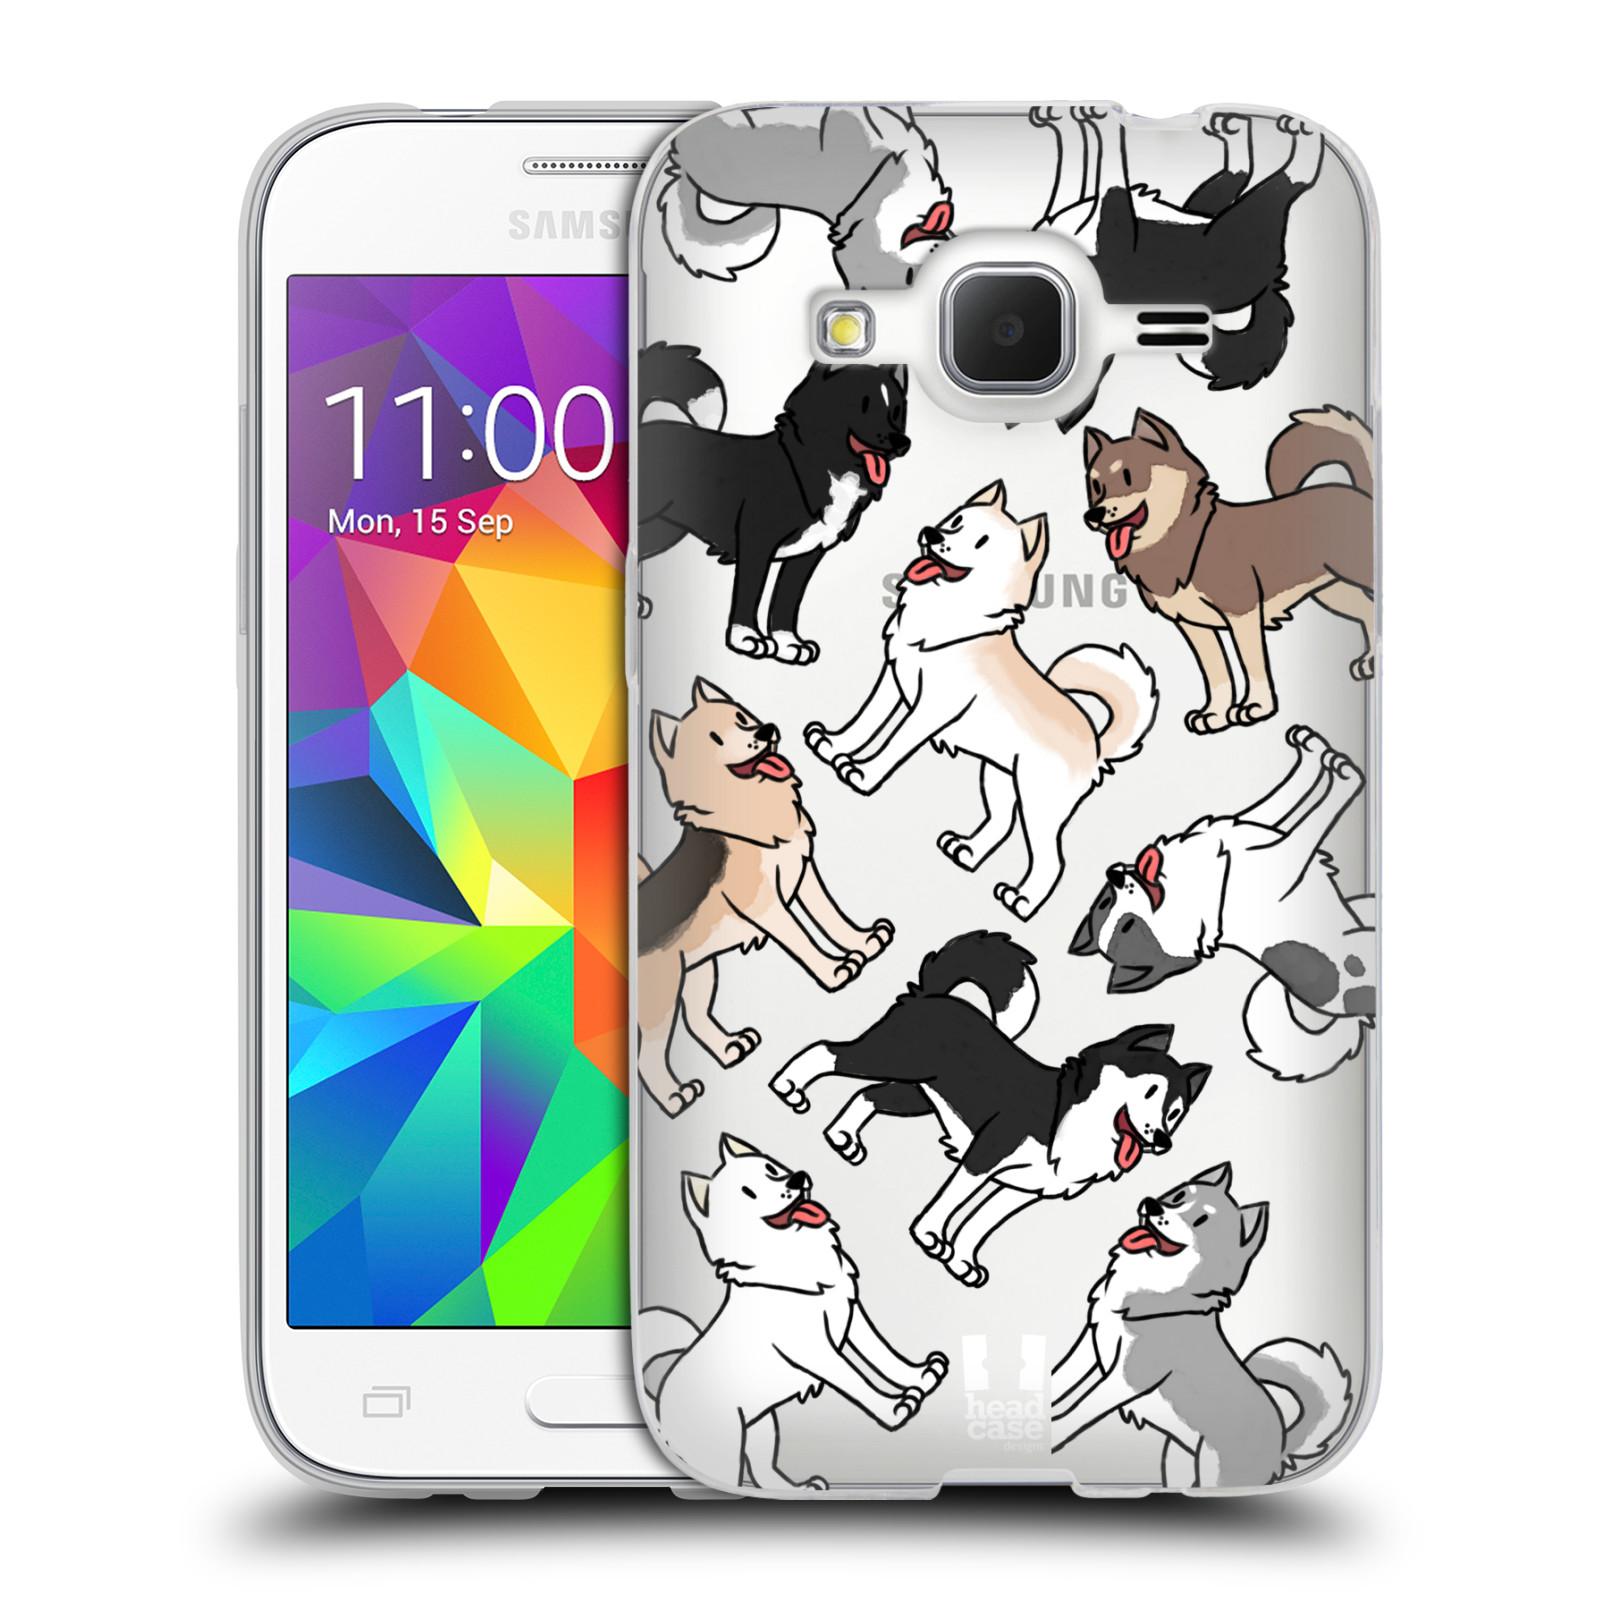 HEAD CASE silikonový obal na mobil Samsung Galaxy Core Prime (G360) pejsek Sibiřský husky